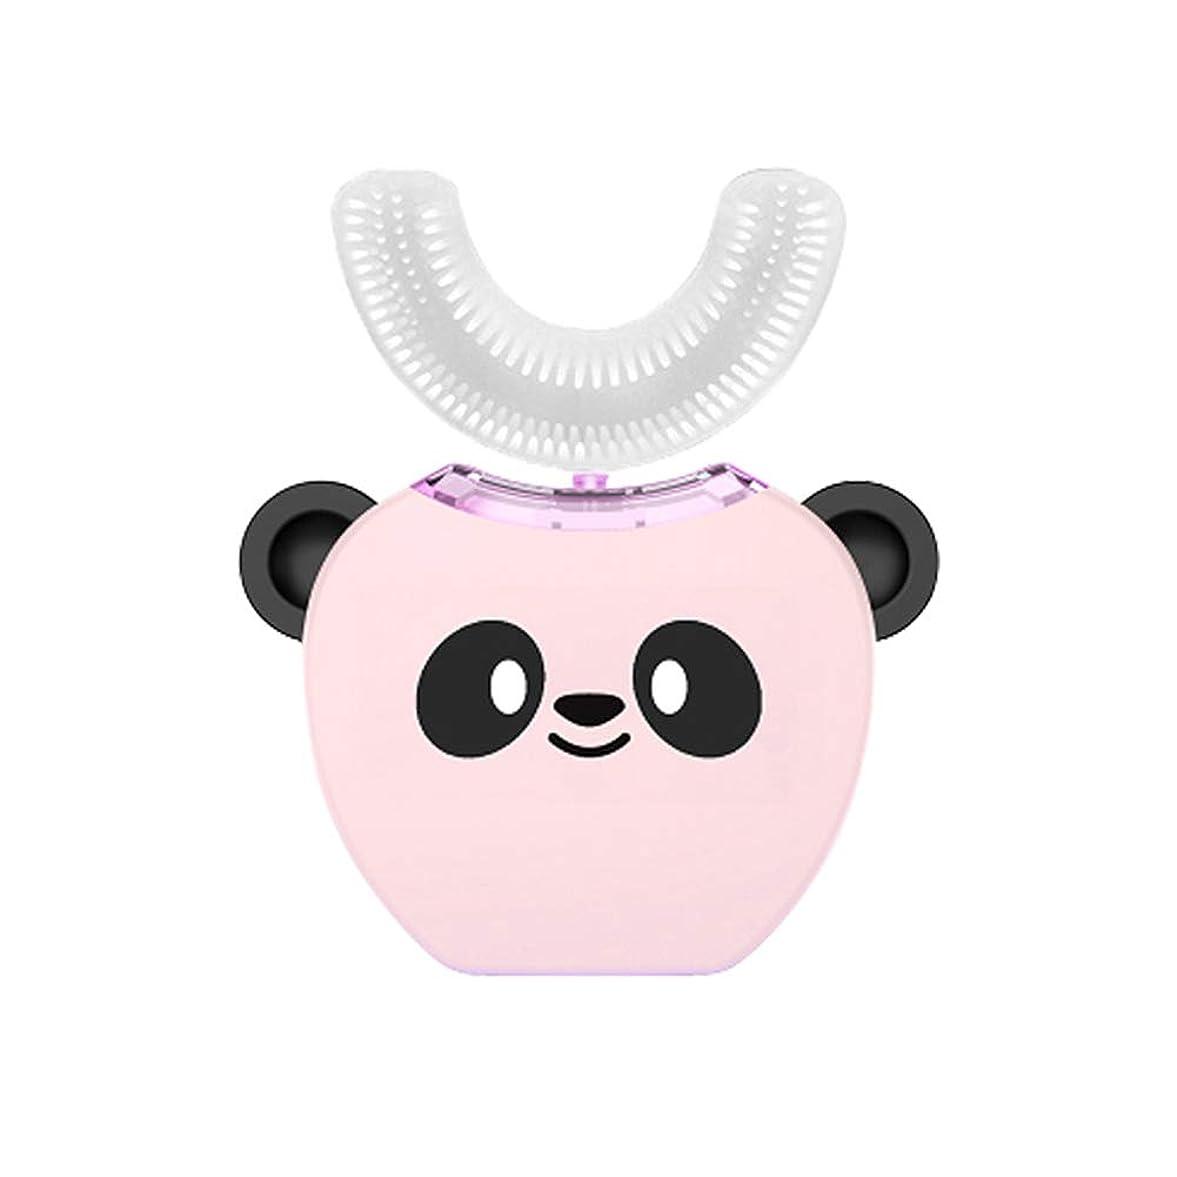 へこみ素人ペック子供のU字型超音波電動歯ブラシ子供自動歯磨き粉360°歯ホワイトニング3-7年子供